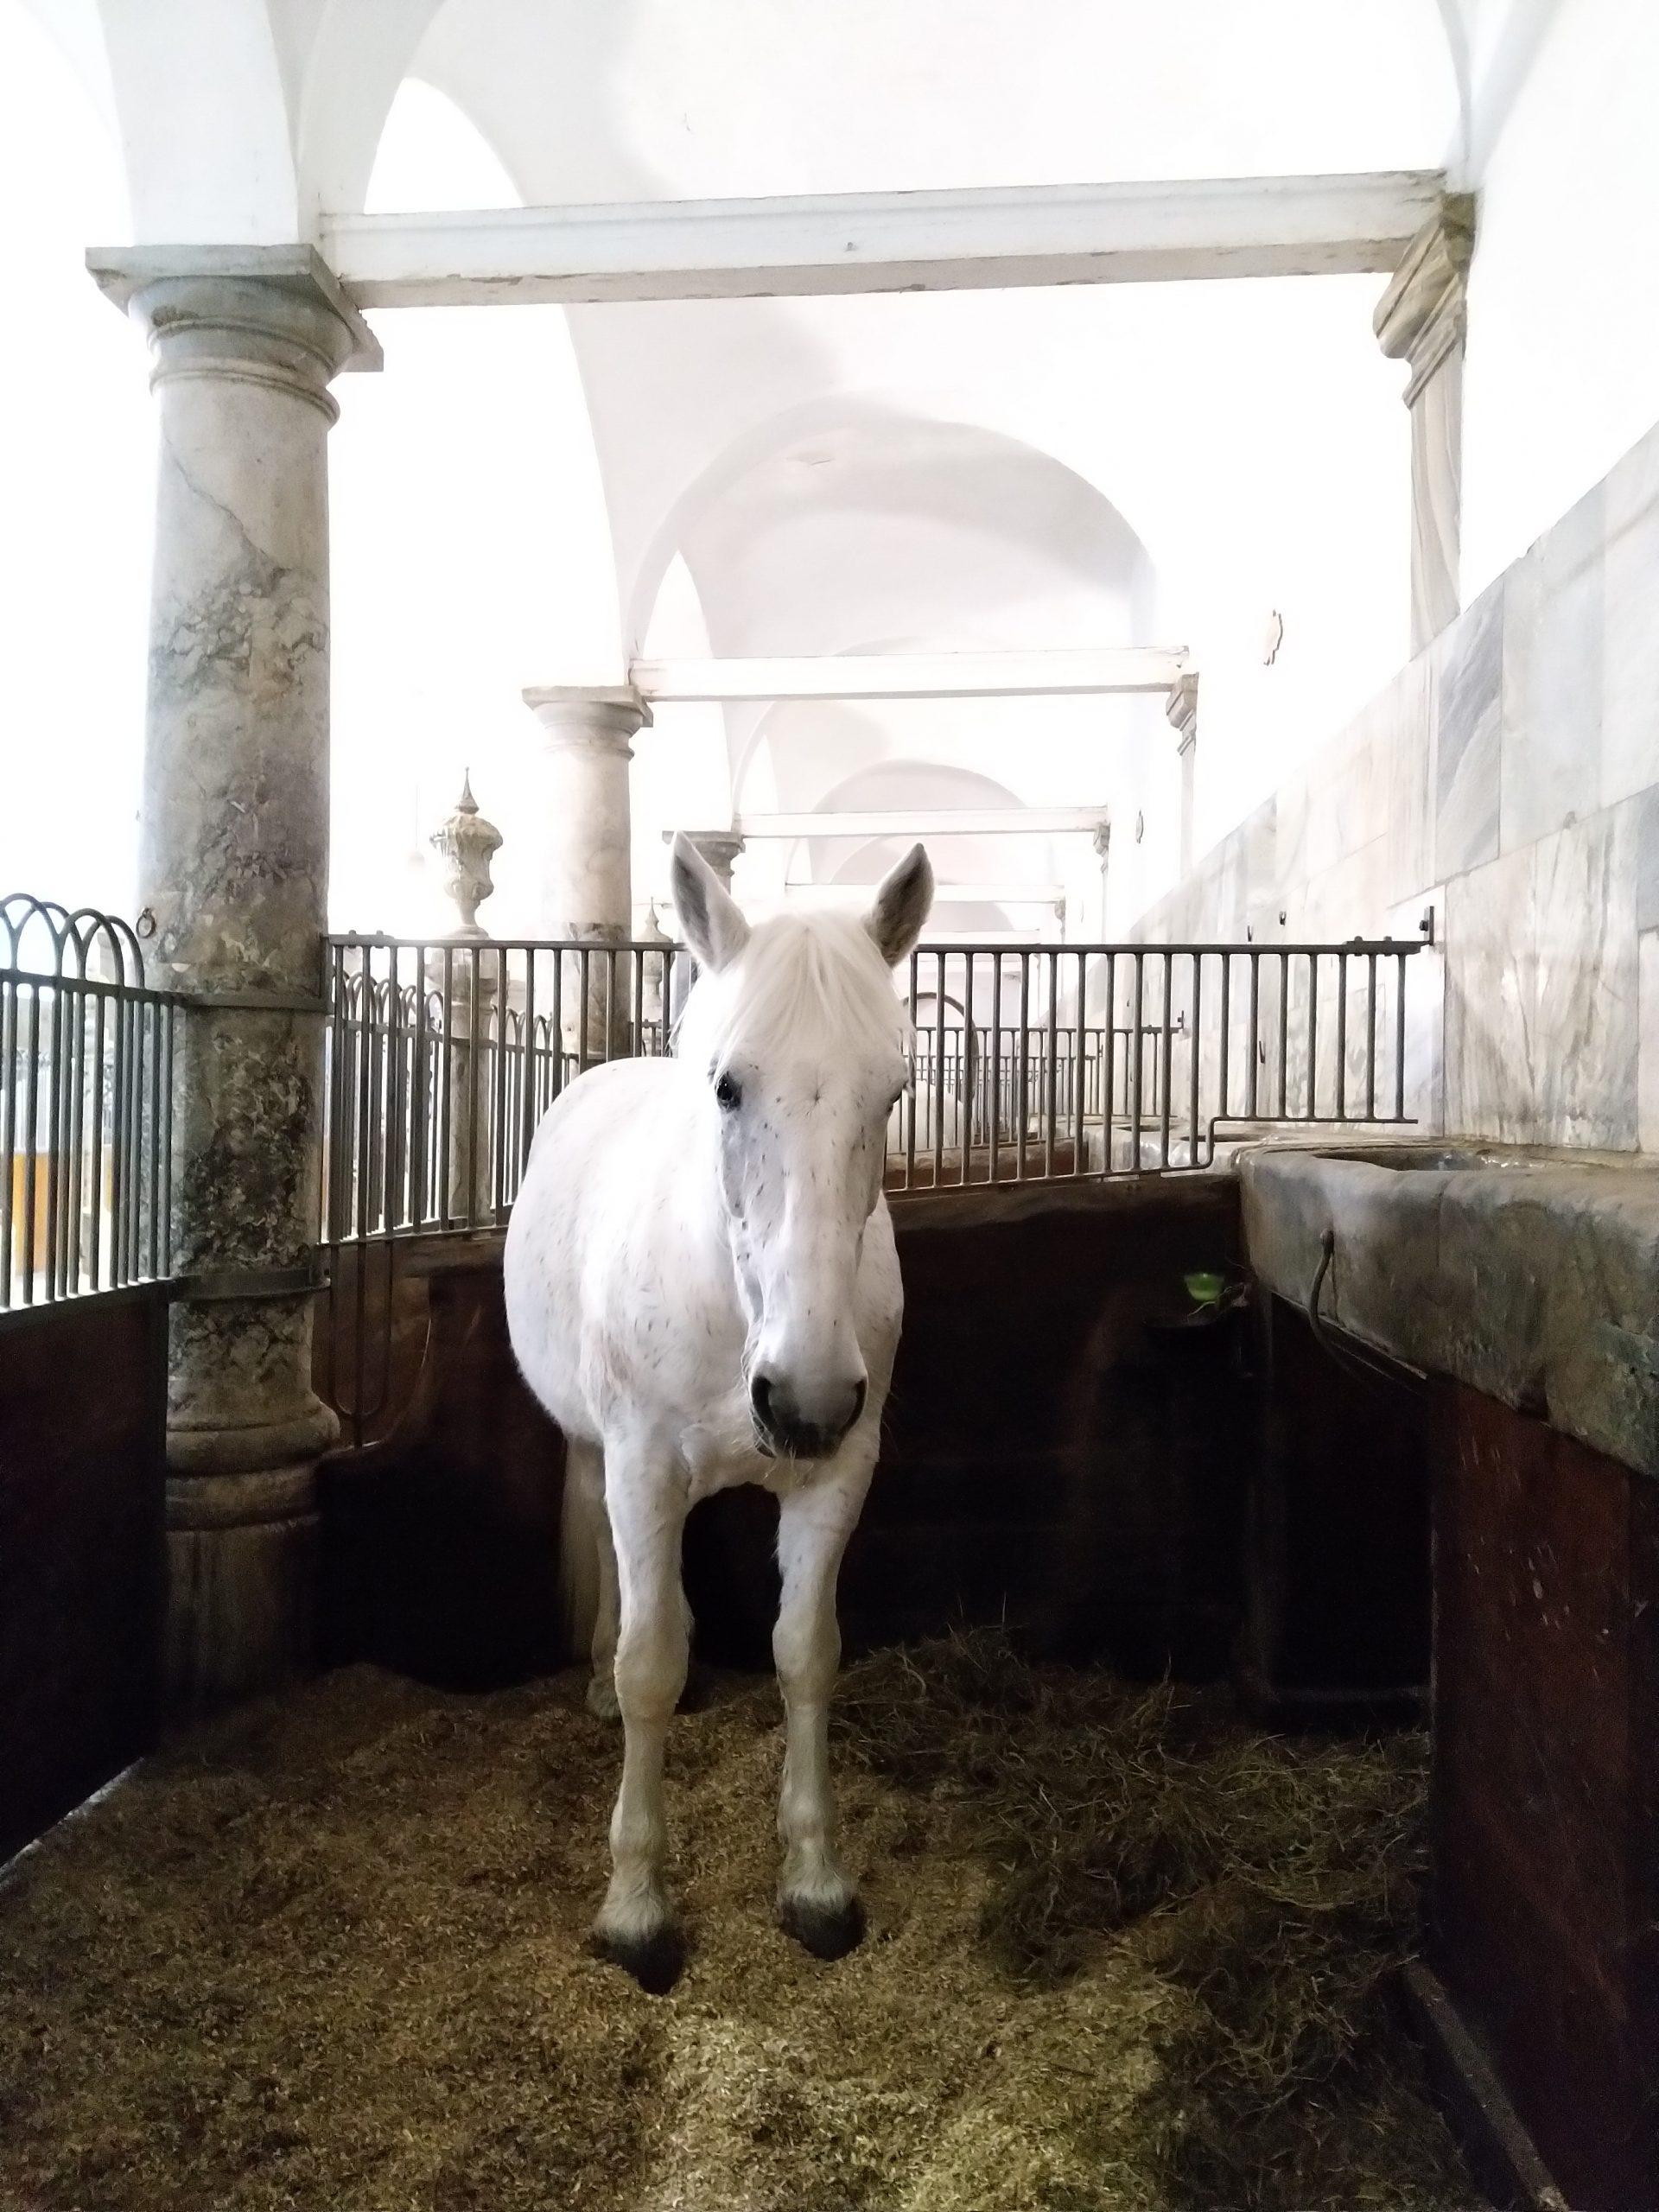 Koninklijke paarden bekijken in de stallen van Kopenhagen